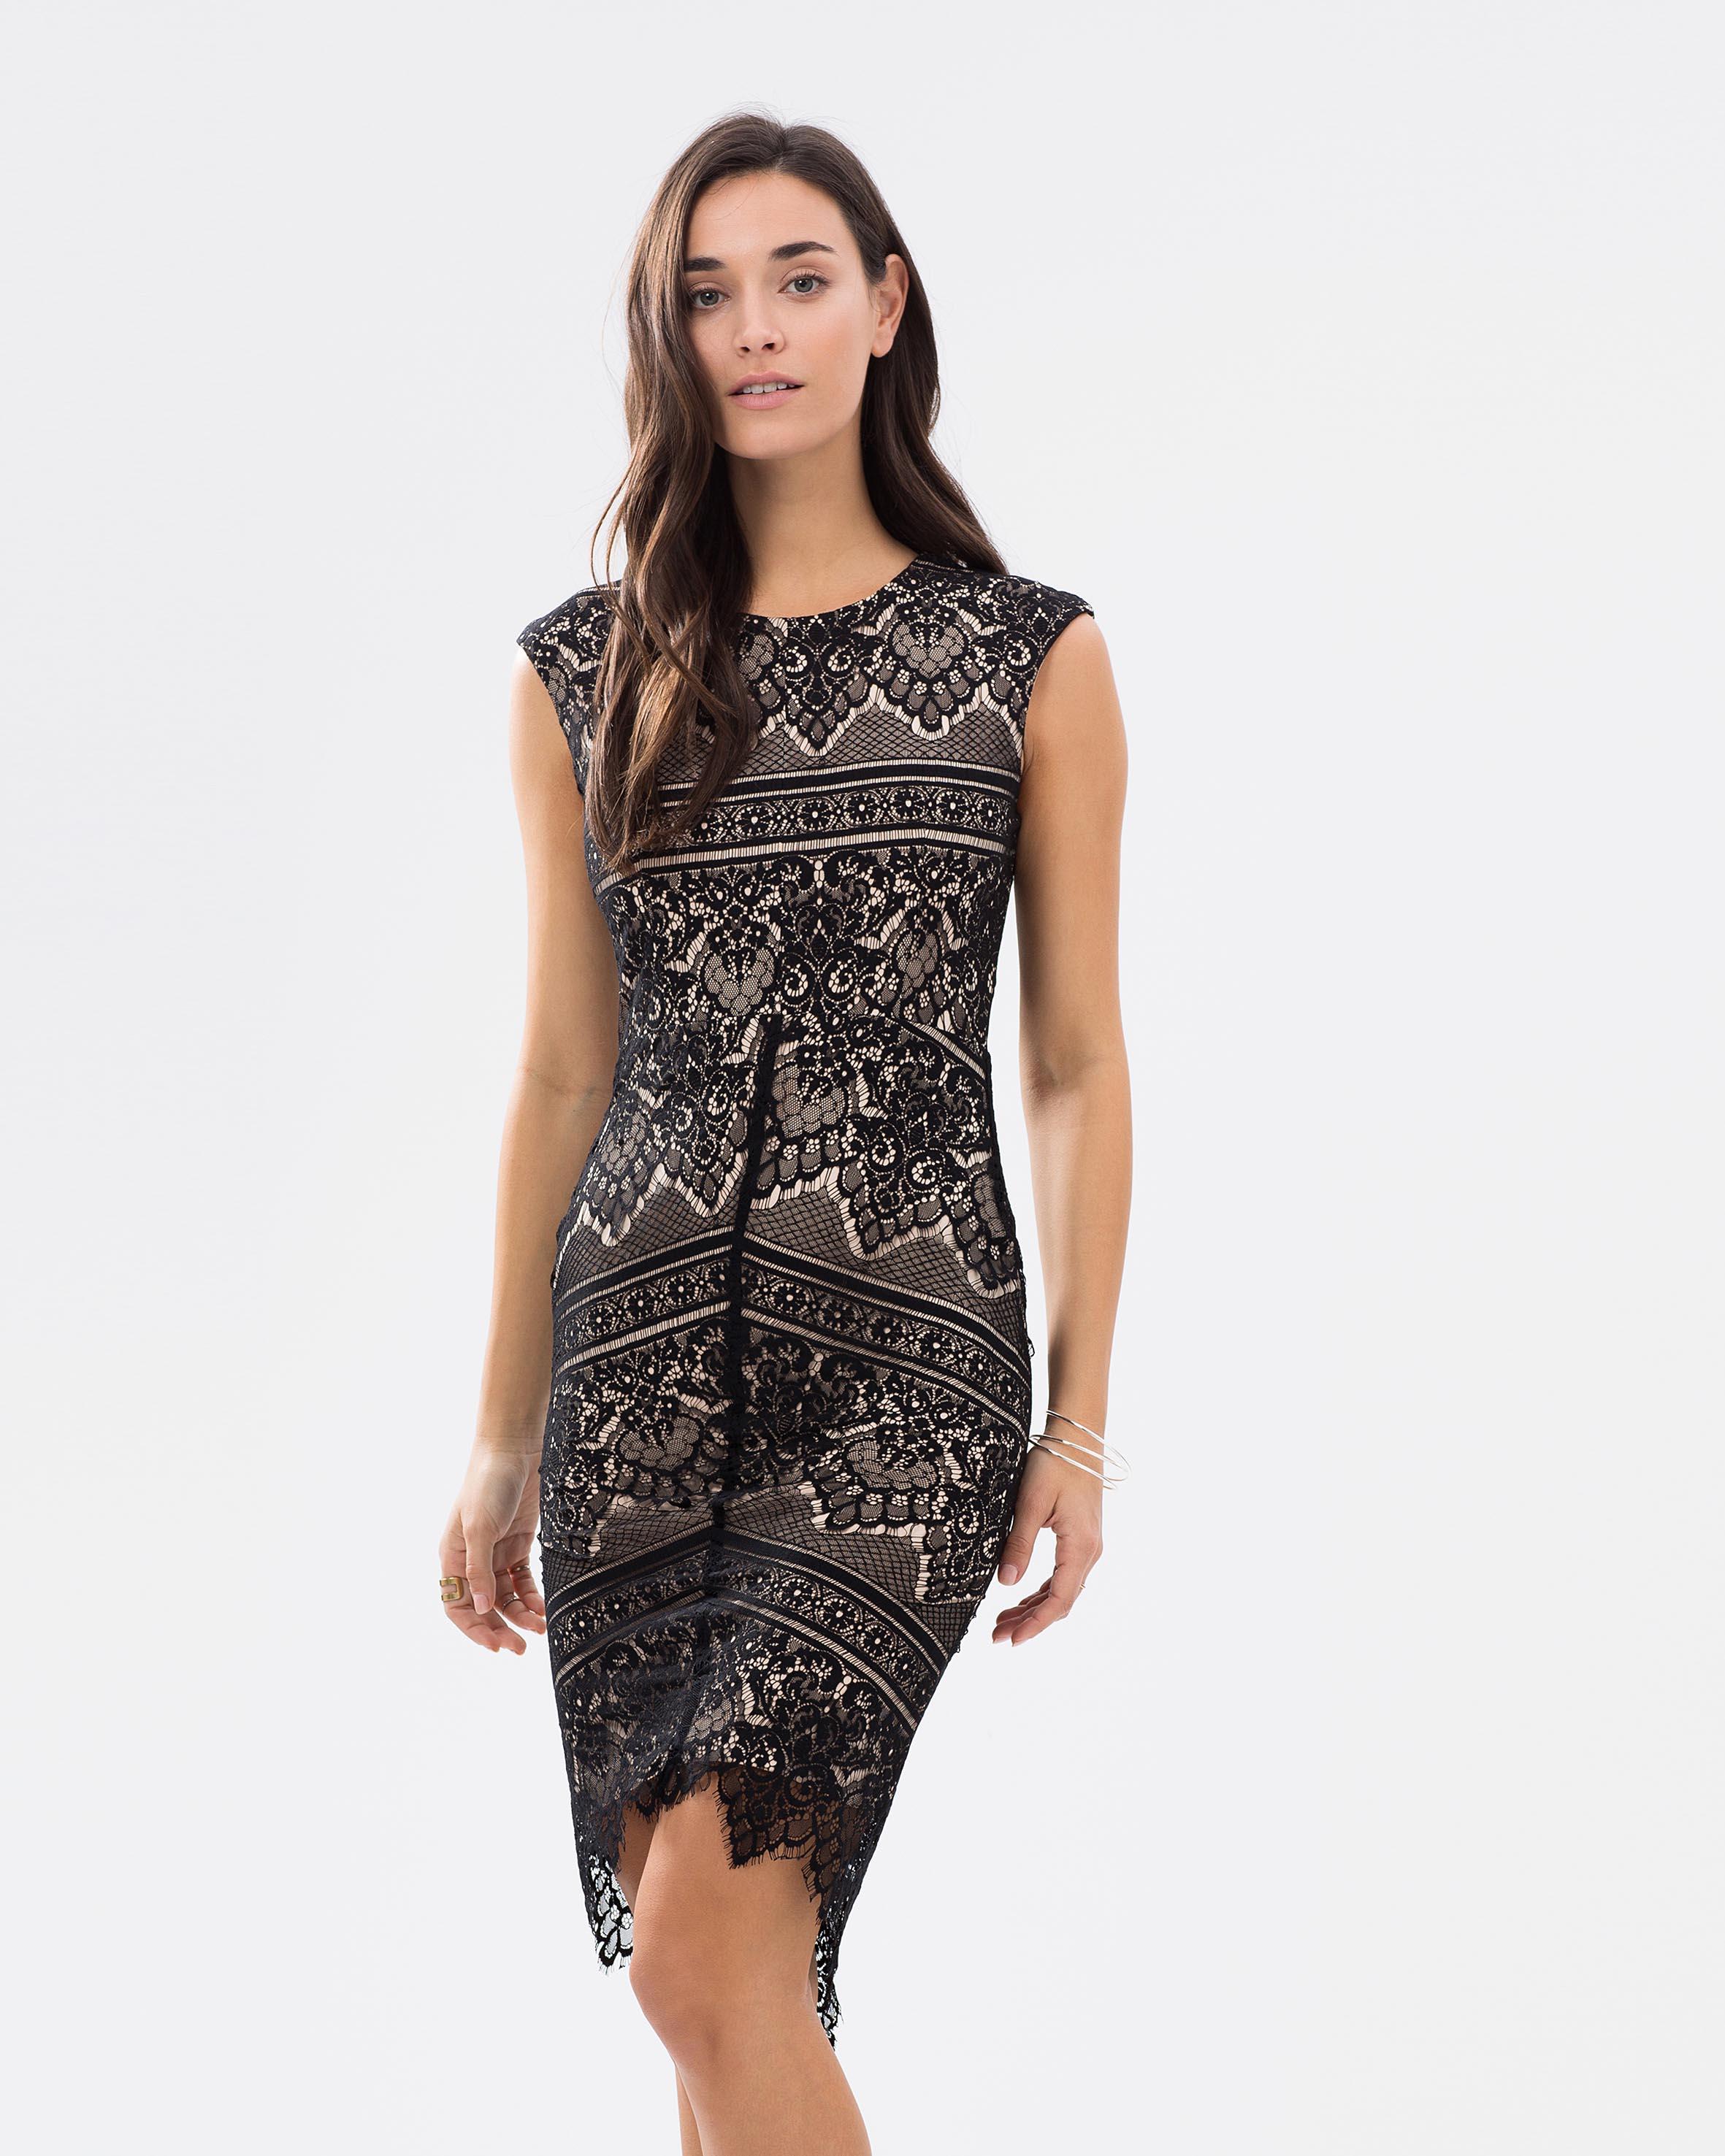 201109271325355407.jpg. When purchasing cheap women clothing